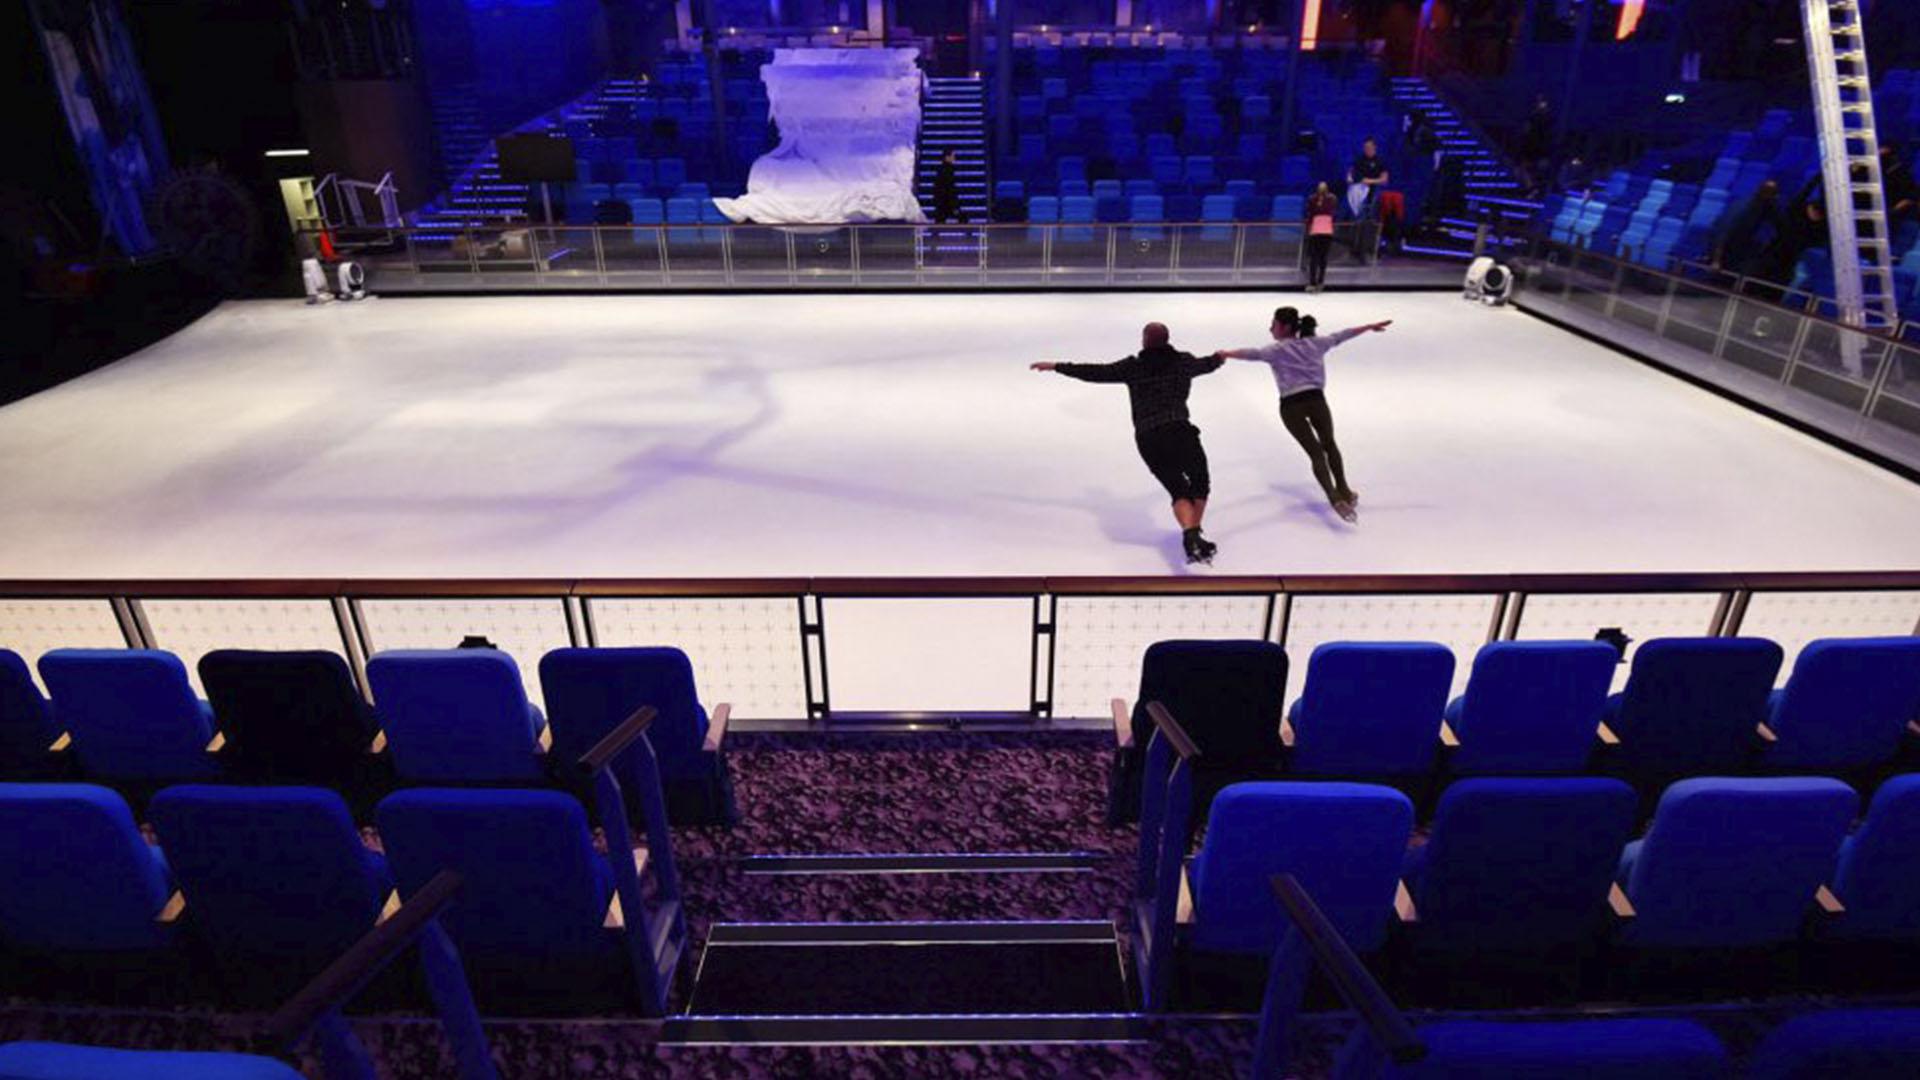 También tiene una pista de patinaje sobre hielo